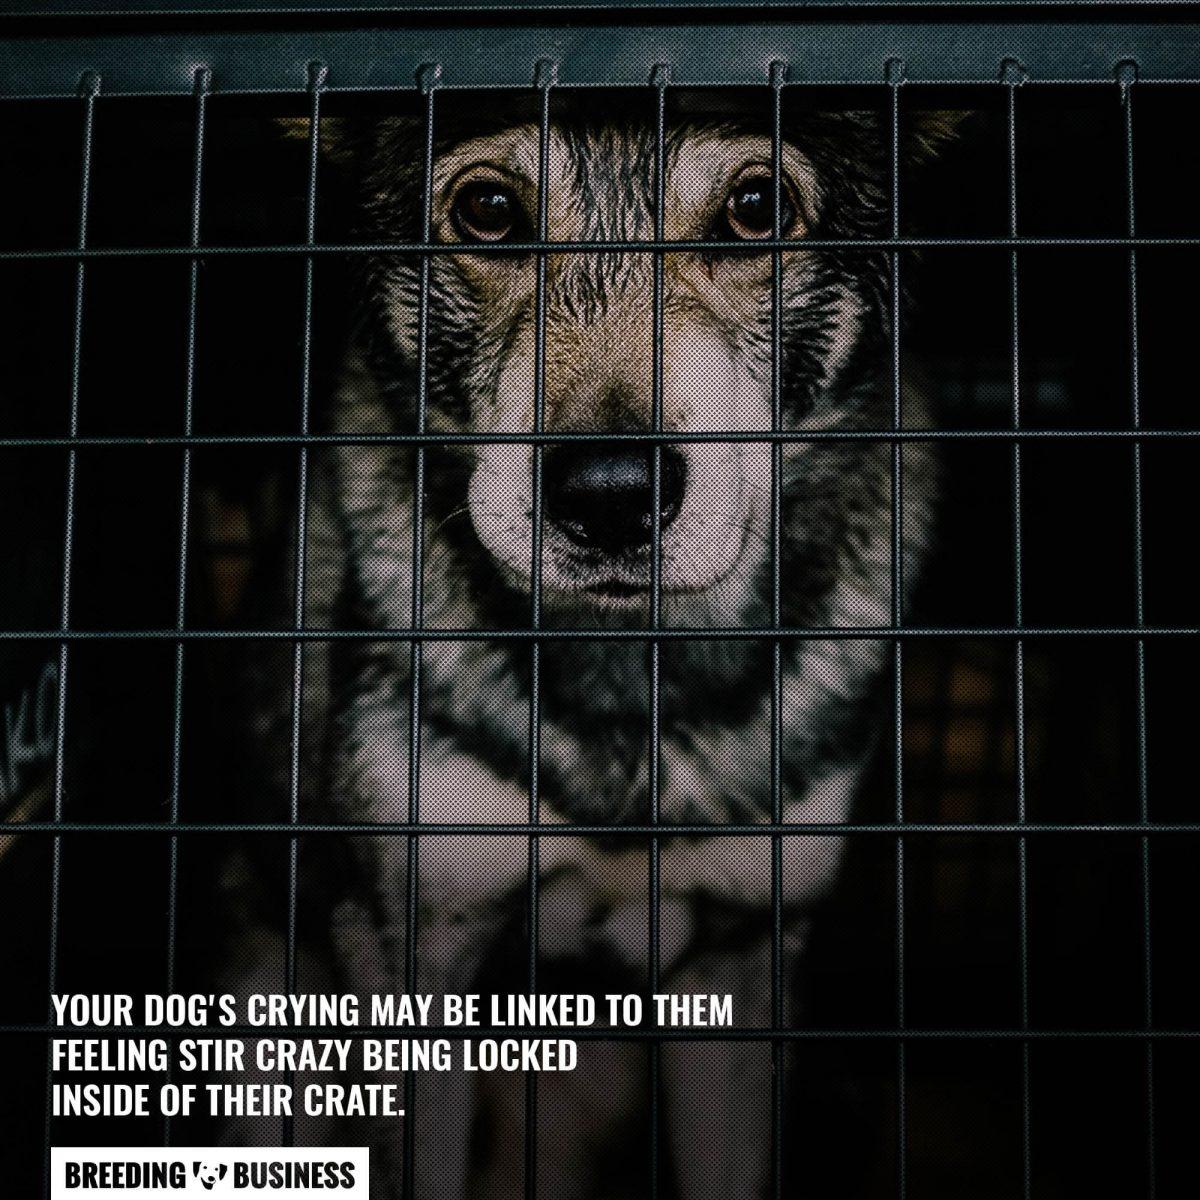 dog stir crazy in crate